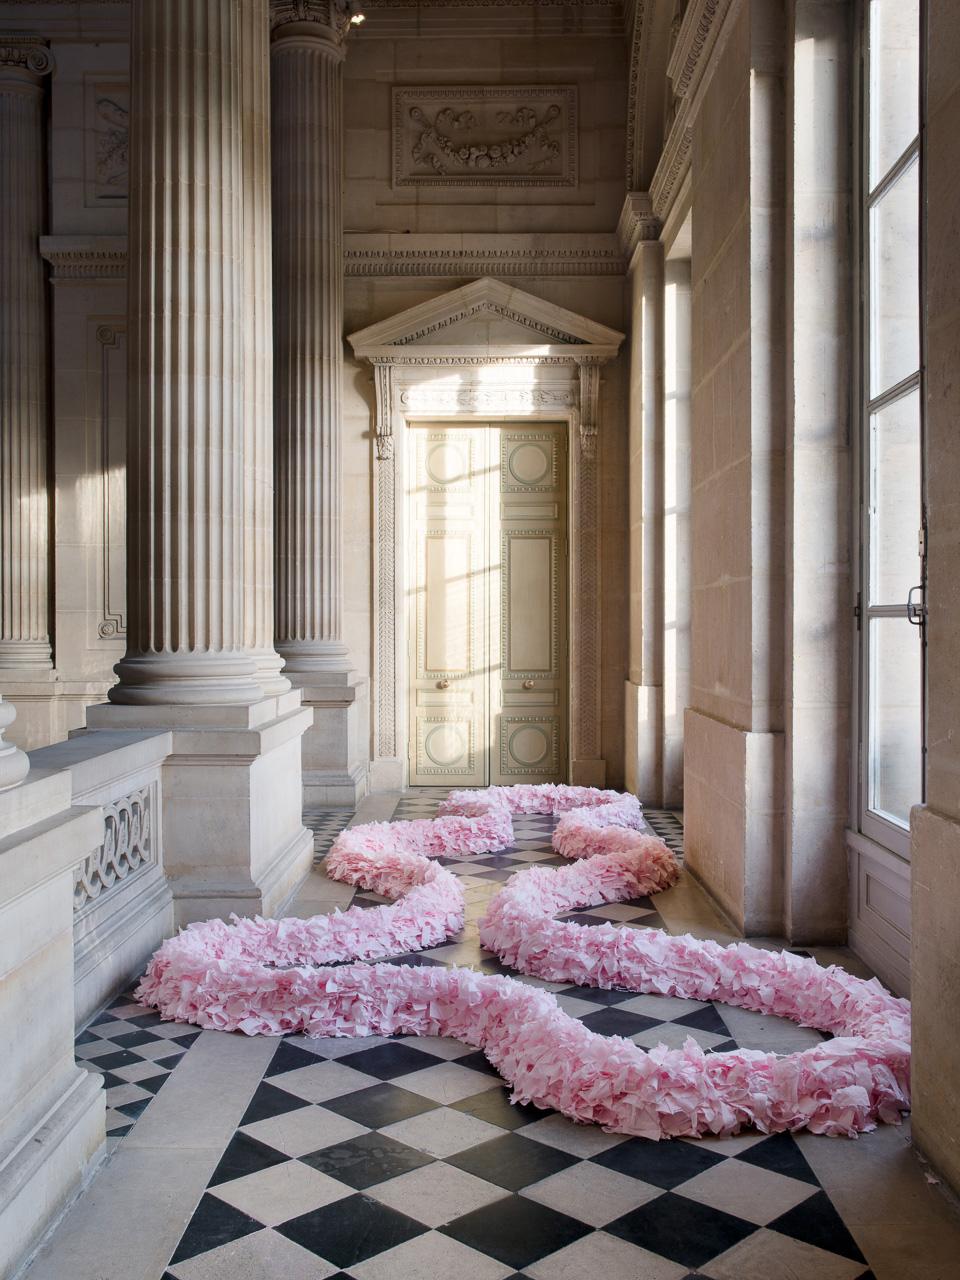 Michel Blazy (né en 1966), Mille feuilles, 1993-1994, papier toilette rose, dimensions variables, collection Centre Pompidou. Courtesy de l'artiste, A